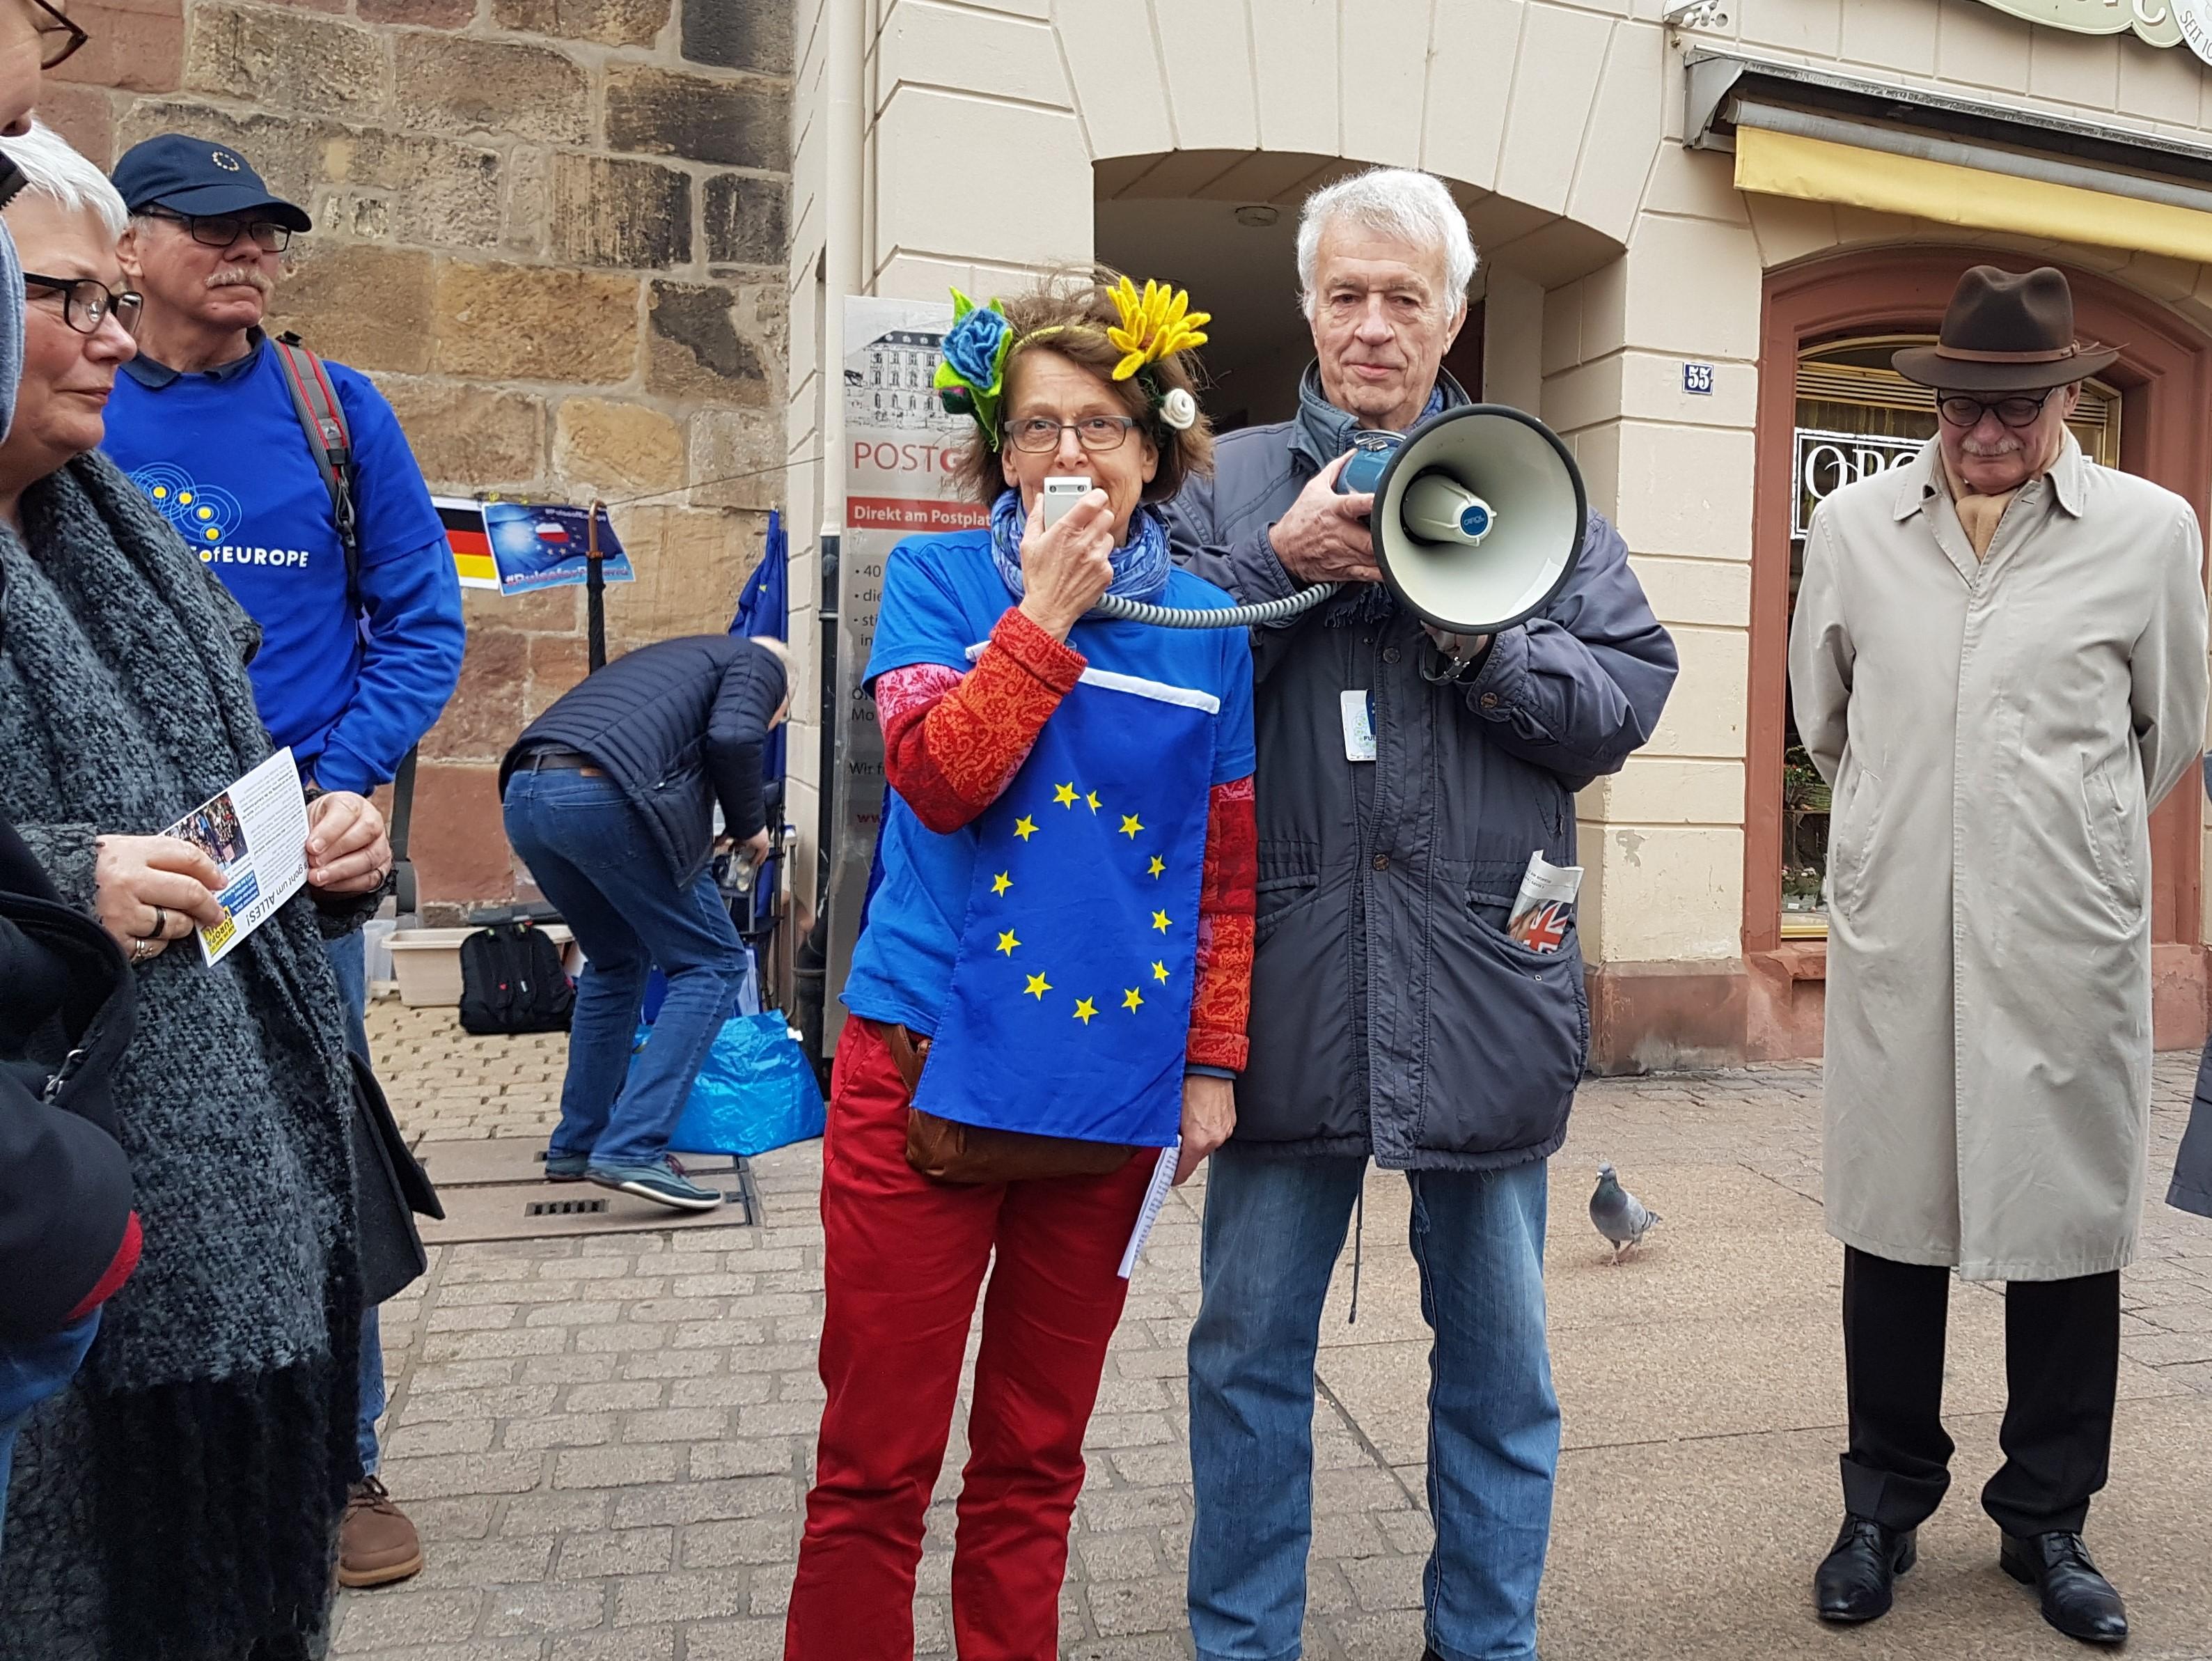 Pulse of Europe – Treffen in Speyer vorm Altpörtel am So 03.03.2019